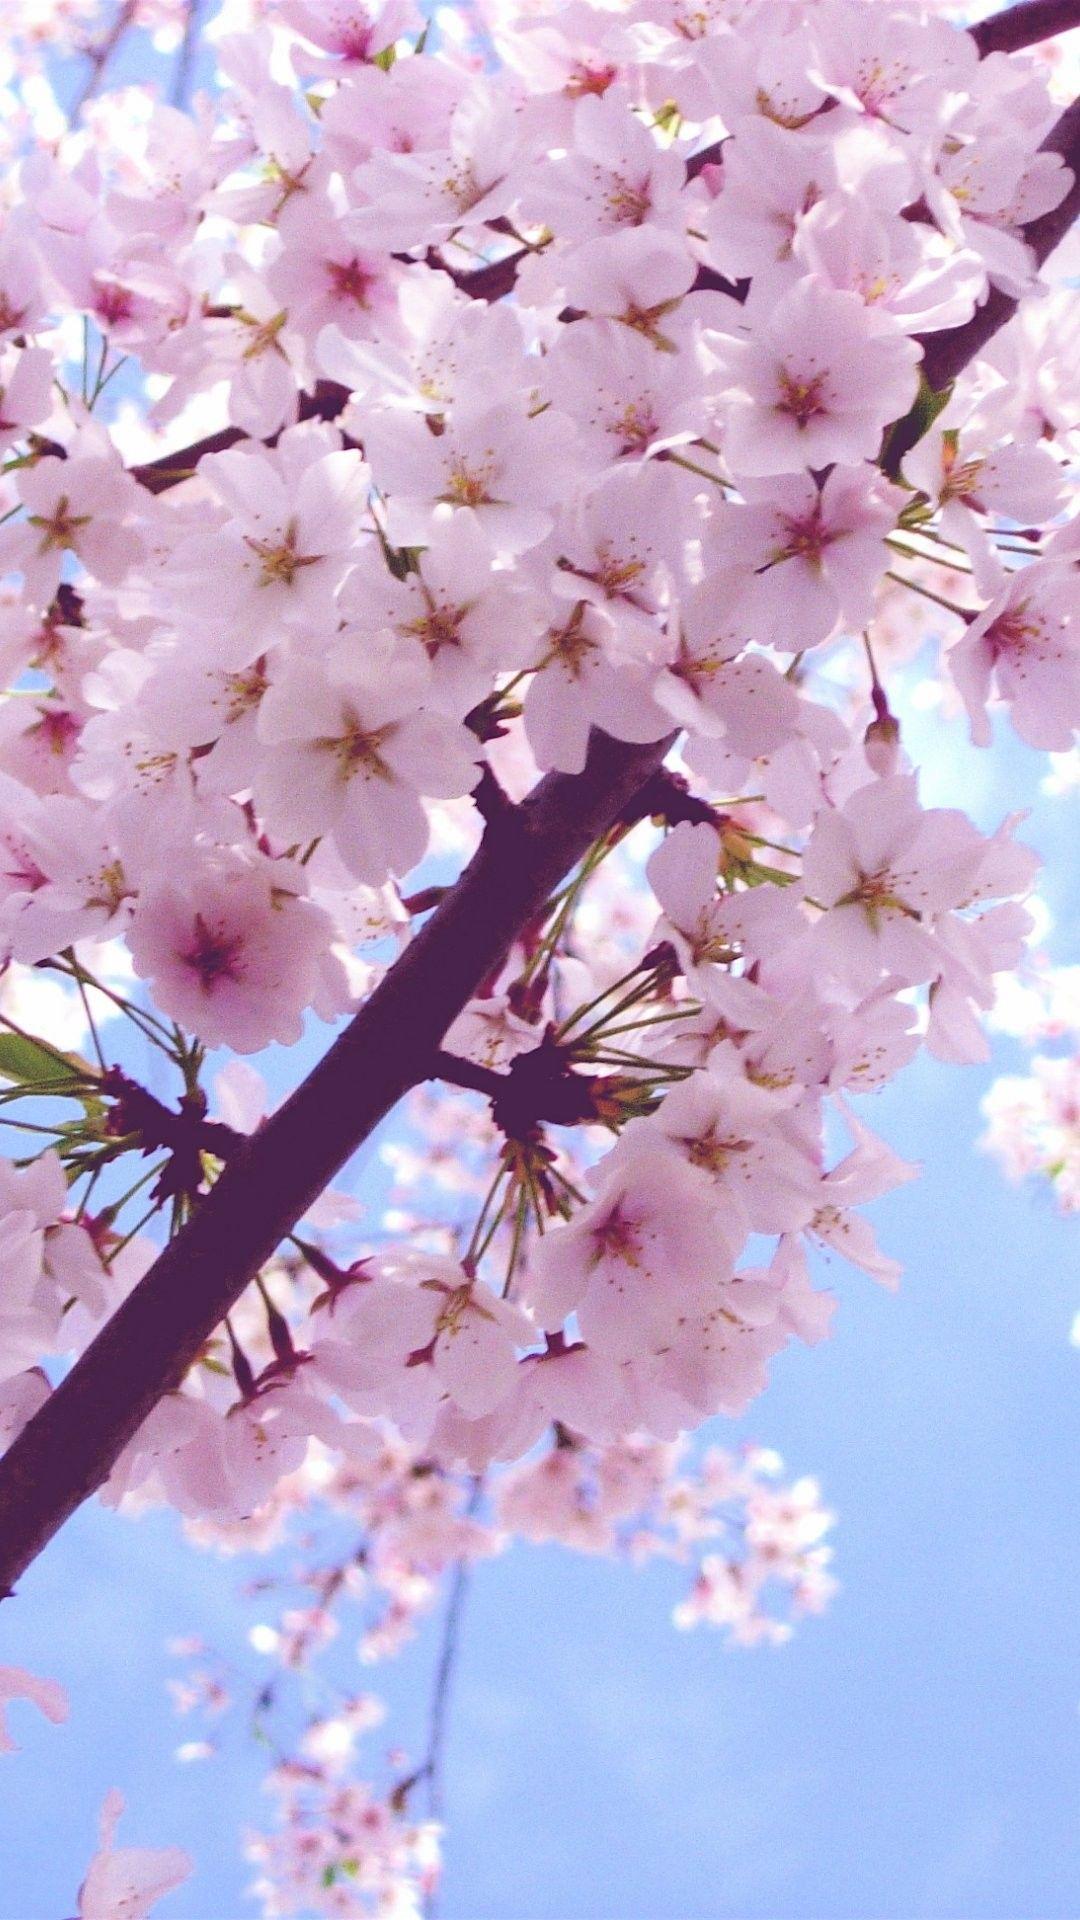 桜壁紙iphone 桜のiphoneの壁紙 1080x19 Wallpapertip